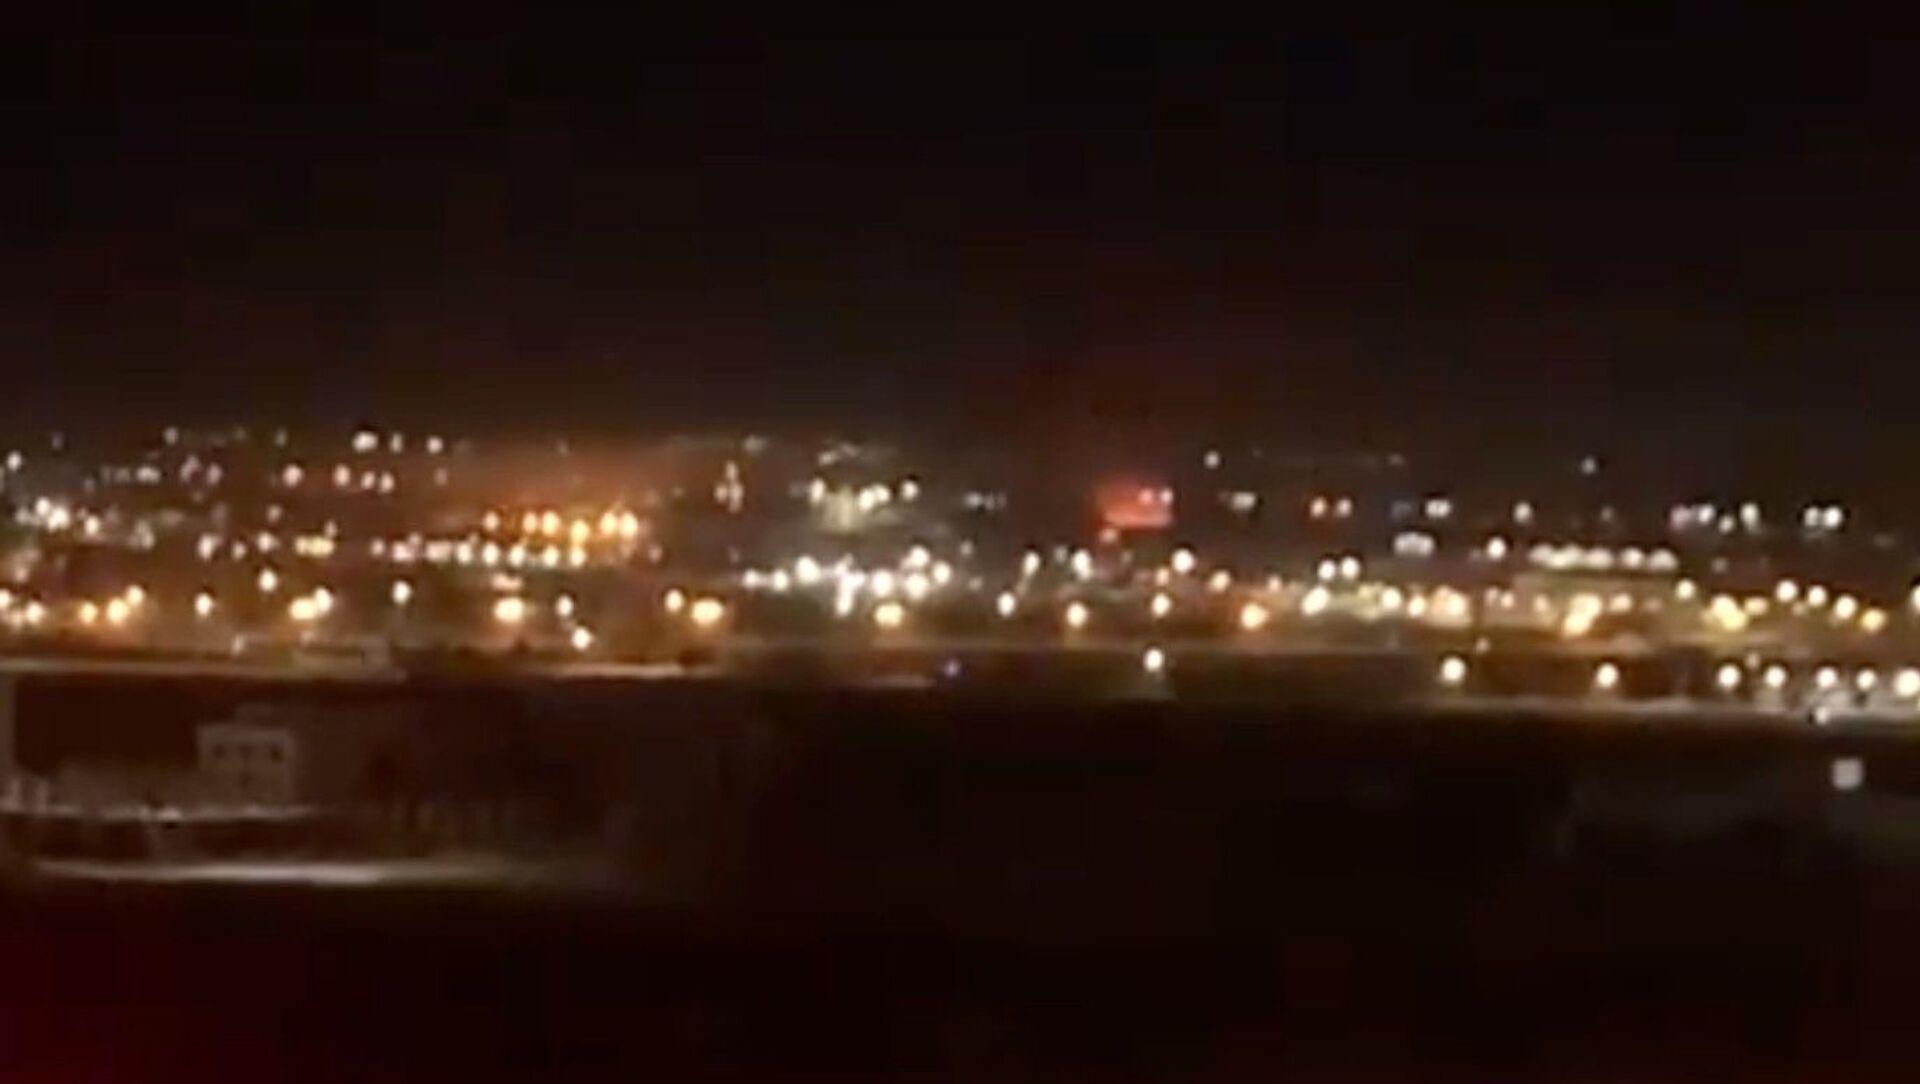 Esplosioni all'aeroporto internazionale di Baghdad - Sputnik Italia, 1920, 23.04.2021